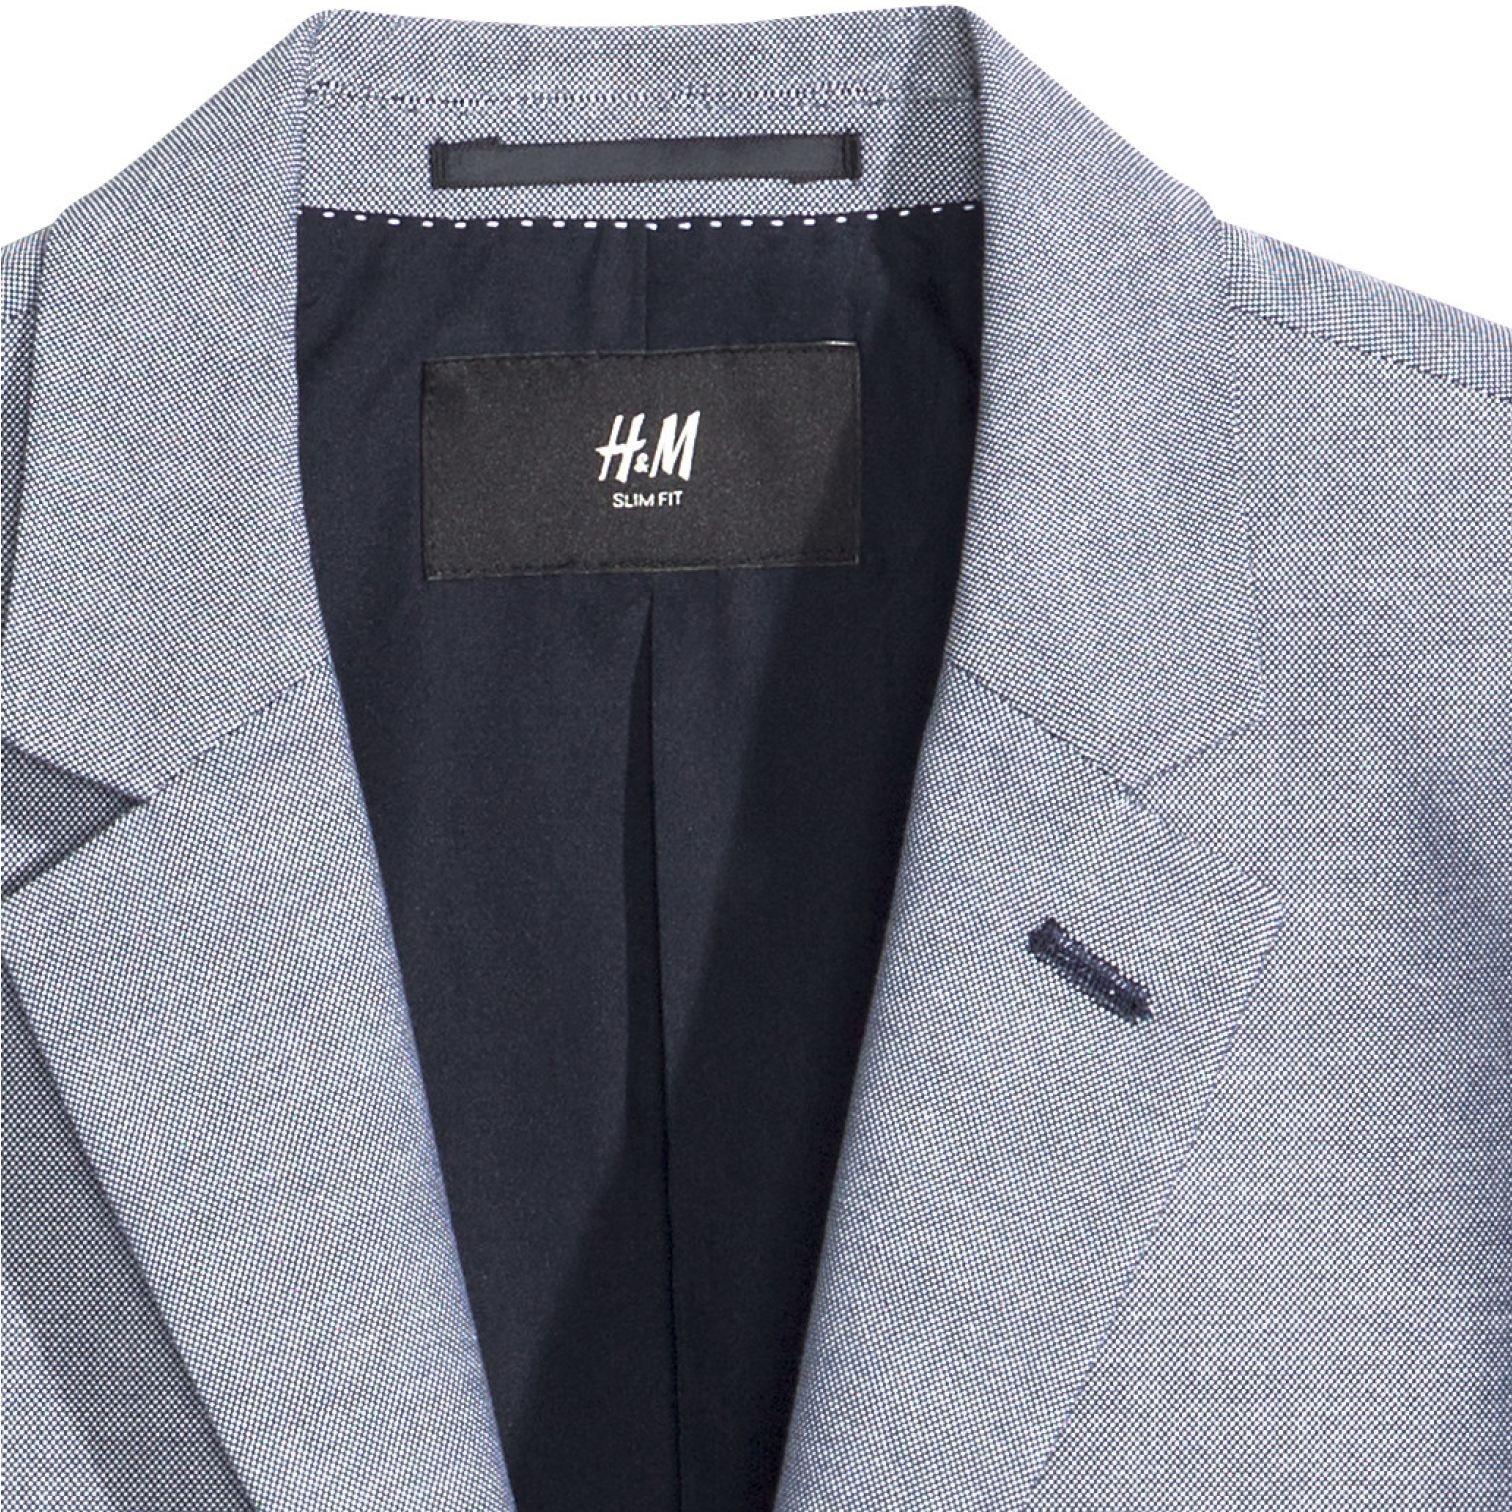 کت تک مردانه اچ اند ام مدل 00351 -  - 4